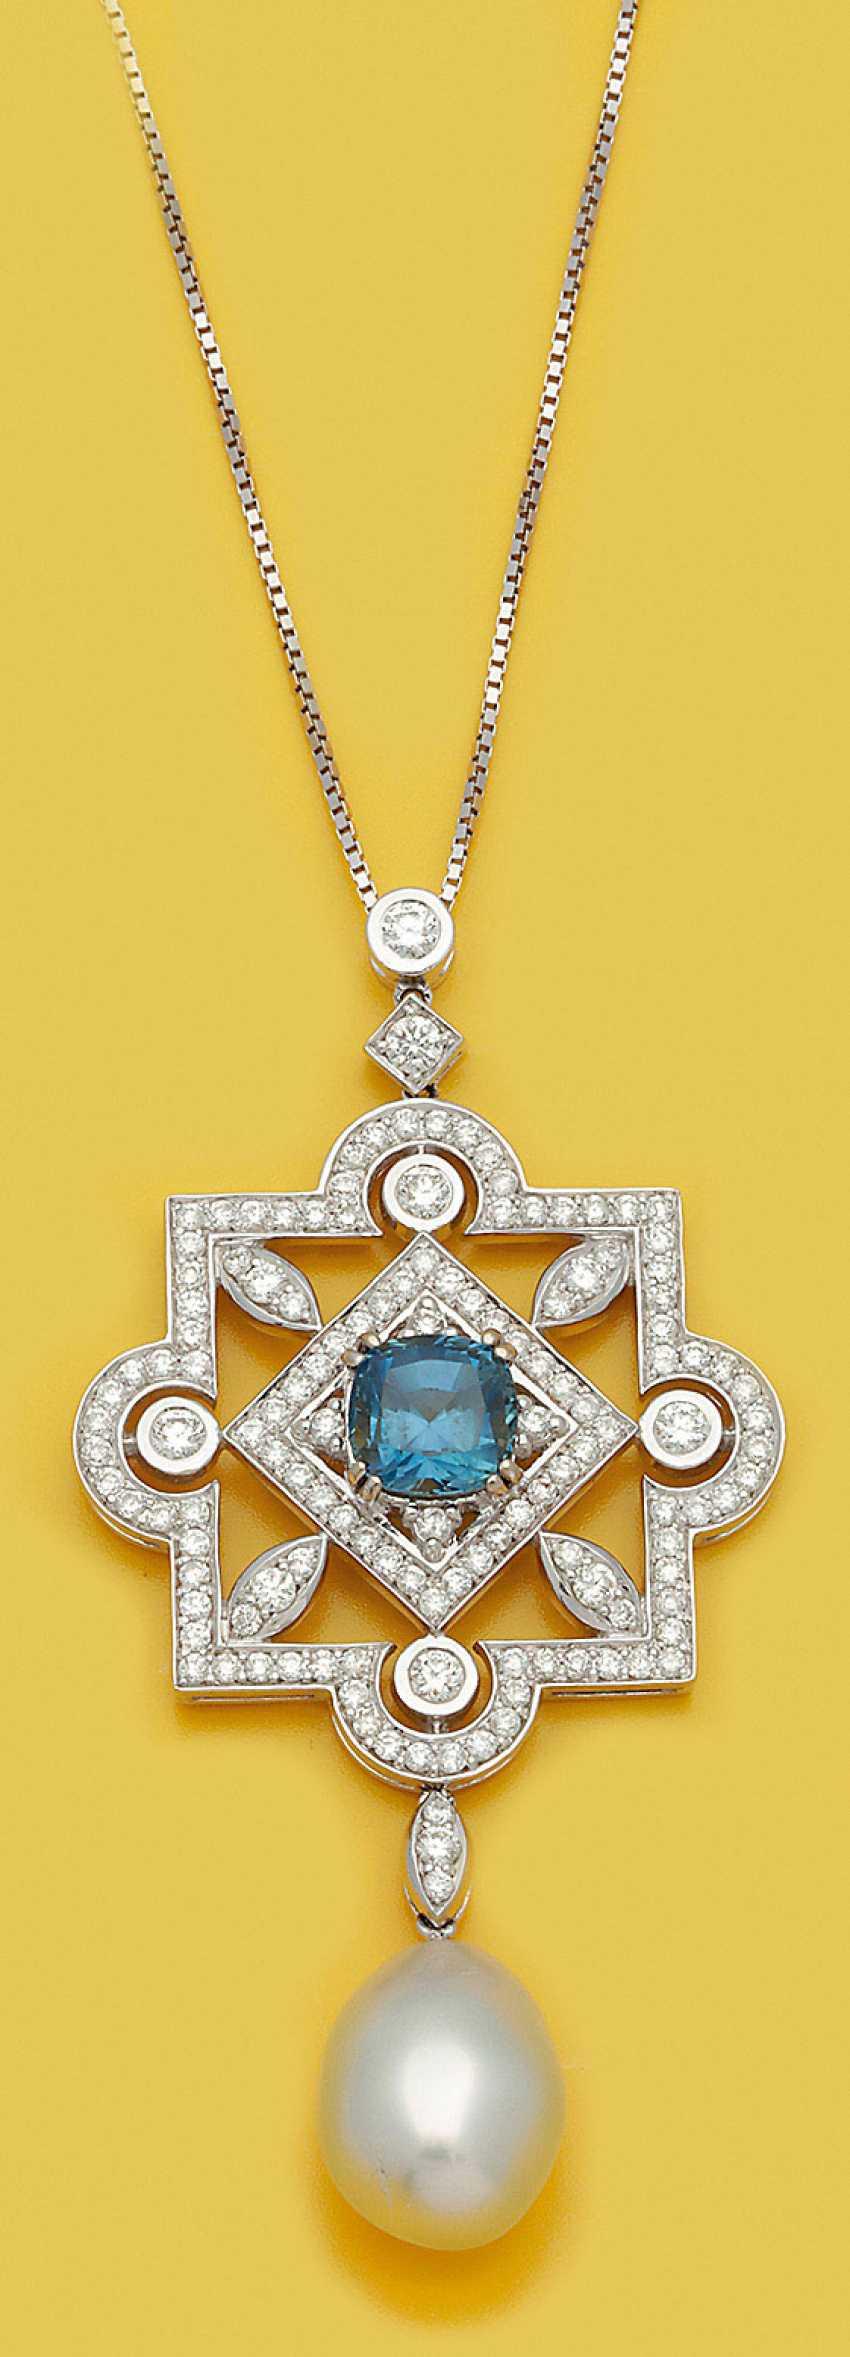 Показательных сапфир бриллиант кулон с жемчужиной южных морей - фото 1